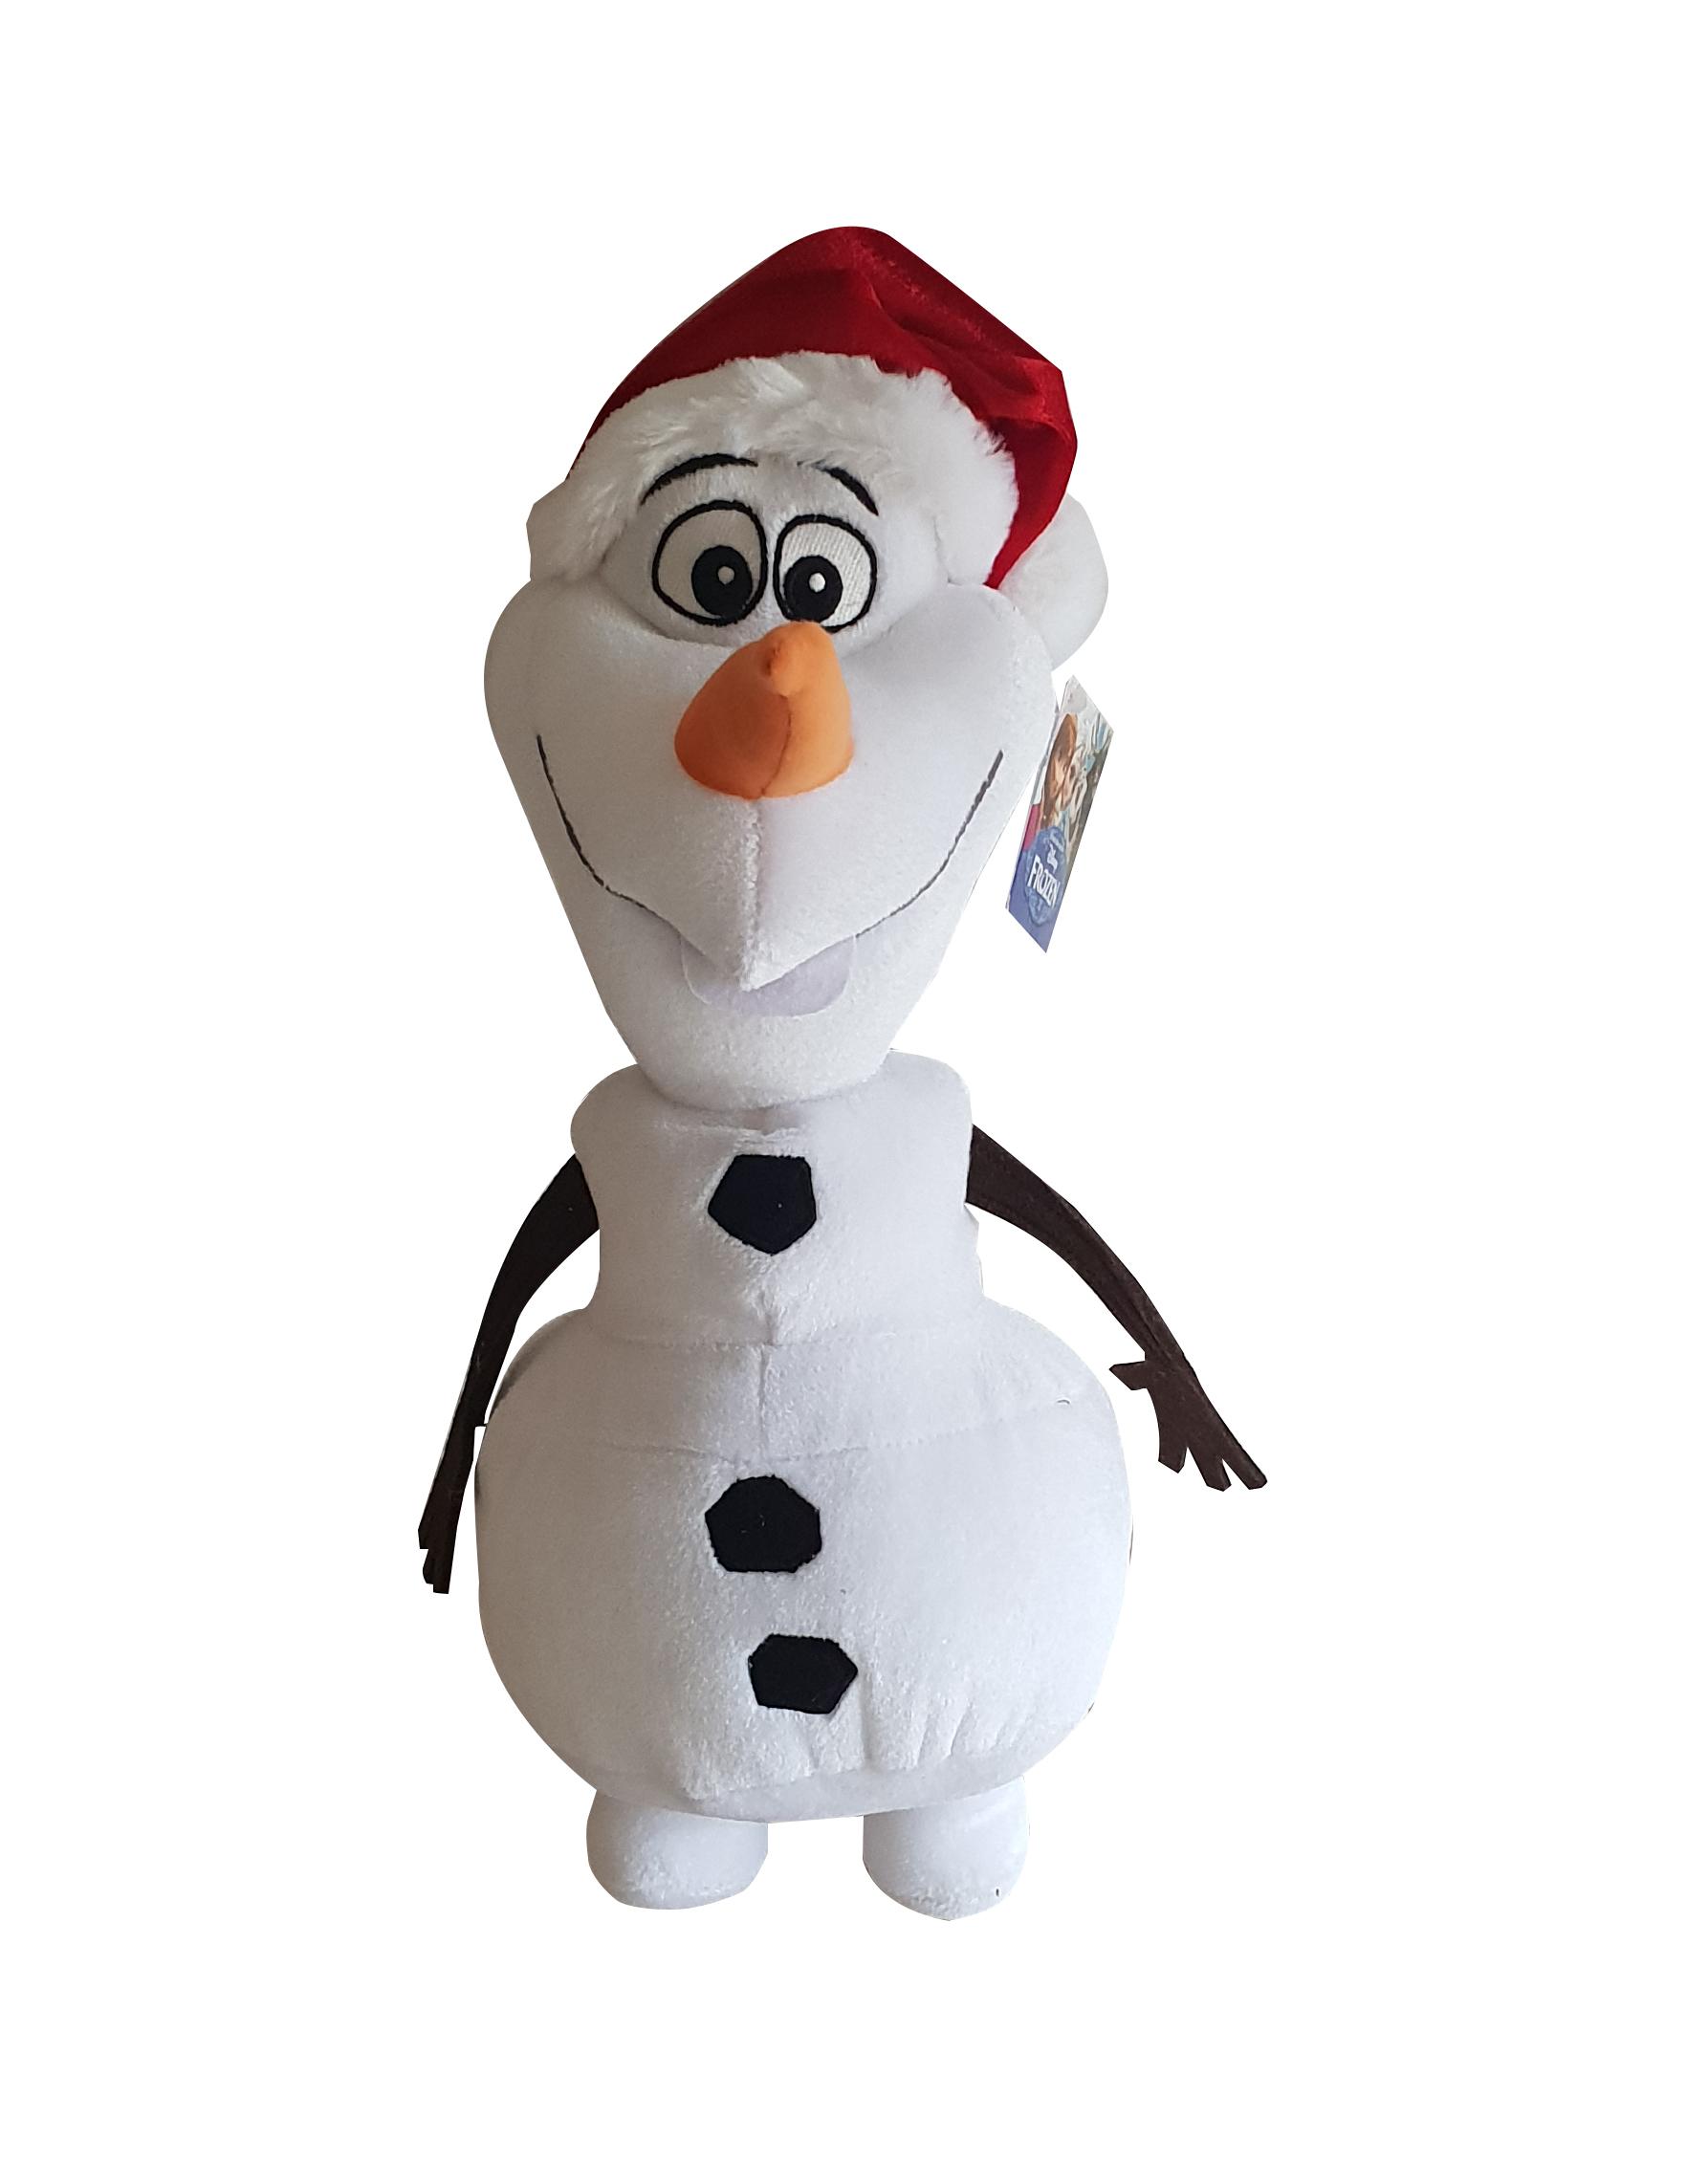 Simba Frozen Olaf Plüschfigur 35cm mit roter Mütze